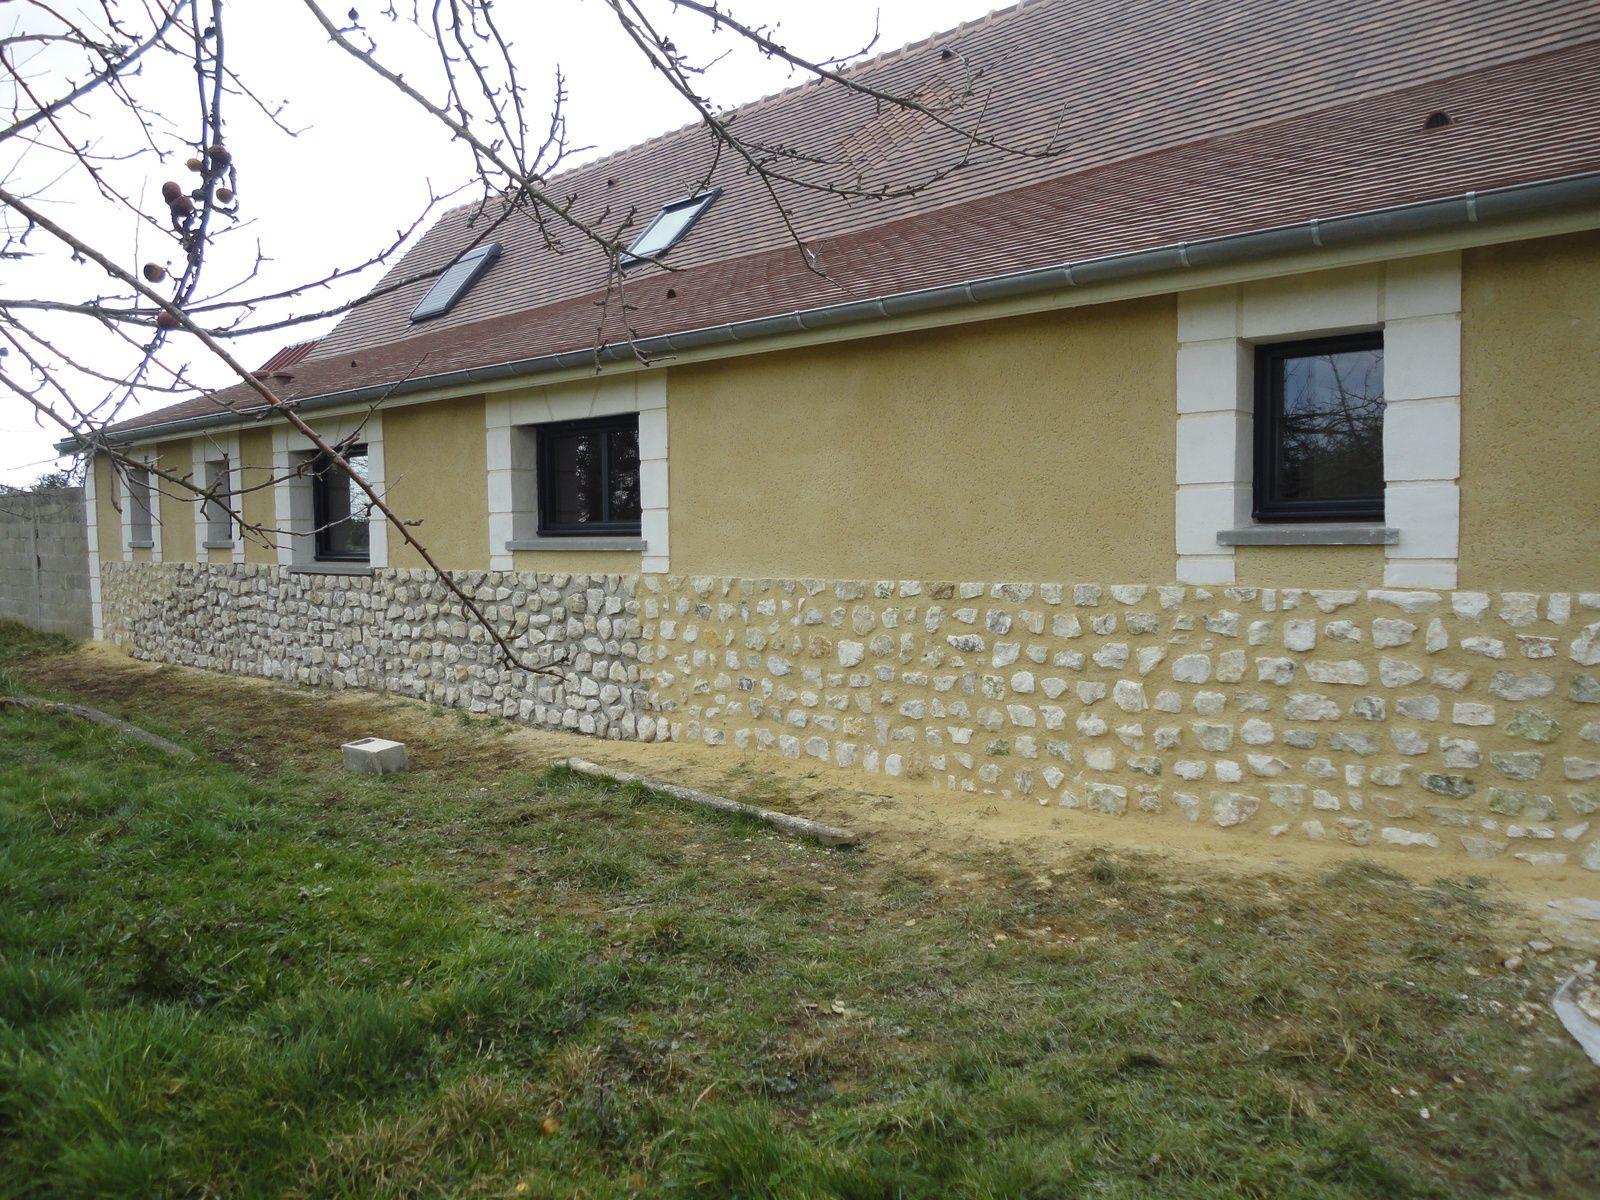 Ravalement de maison da silva renovation maison torchis - Pierre chaux et couleurs ...